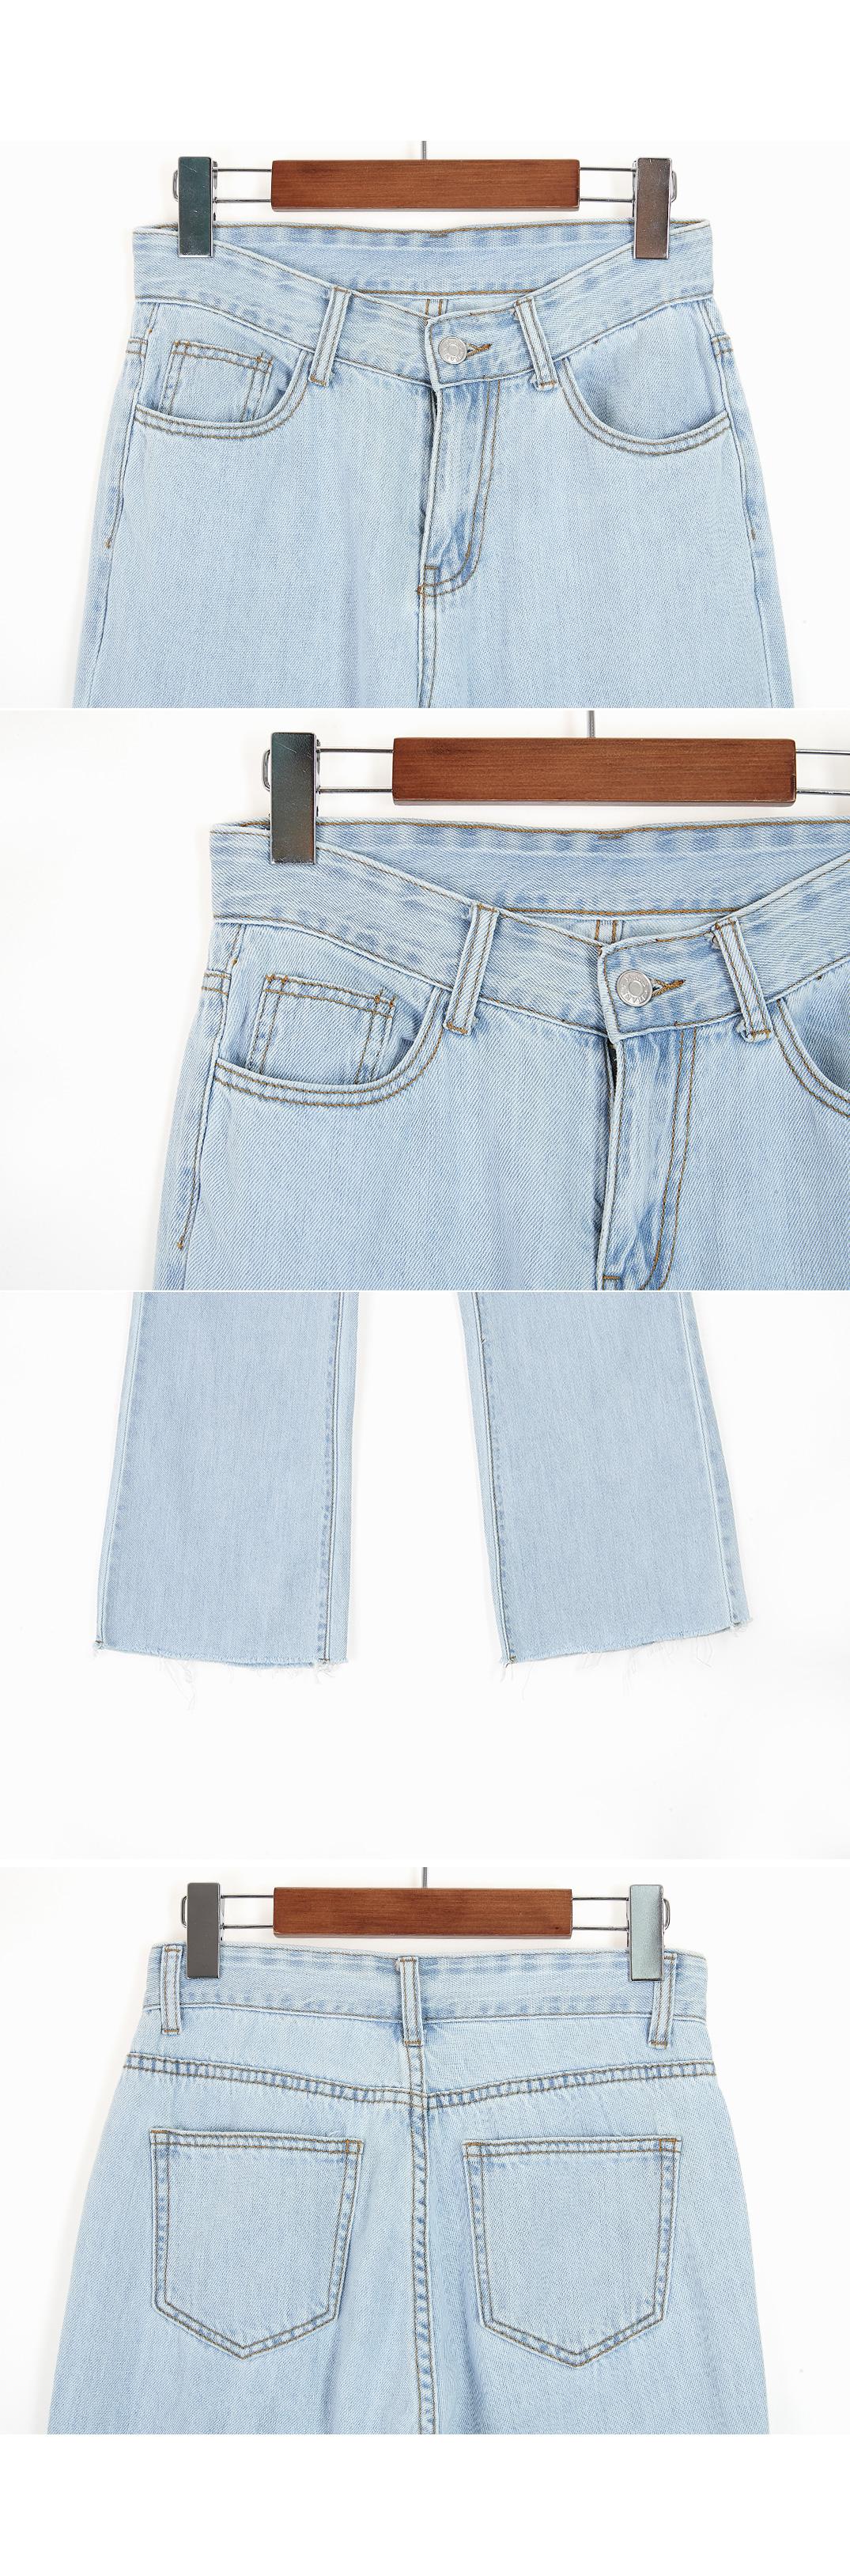 Senior high waist wide pants